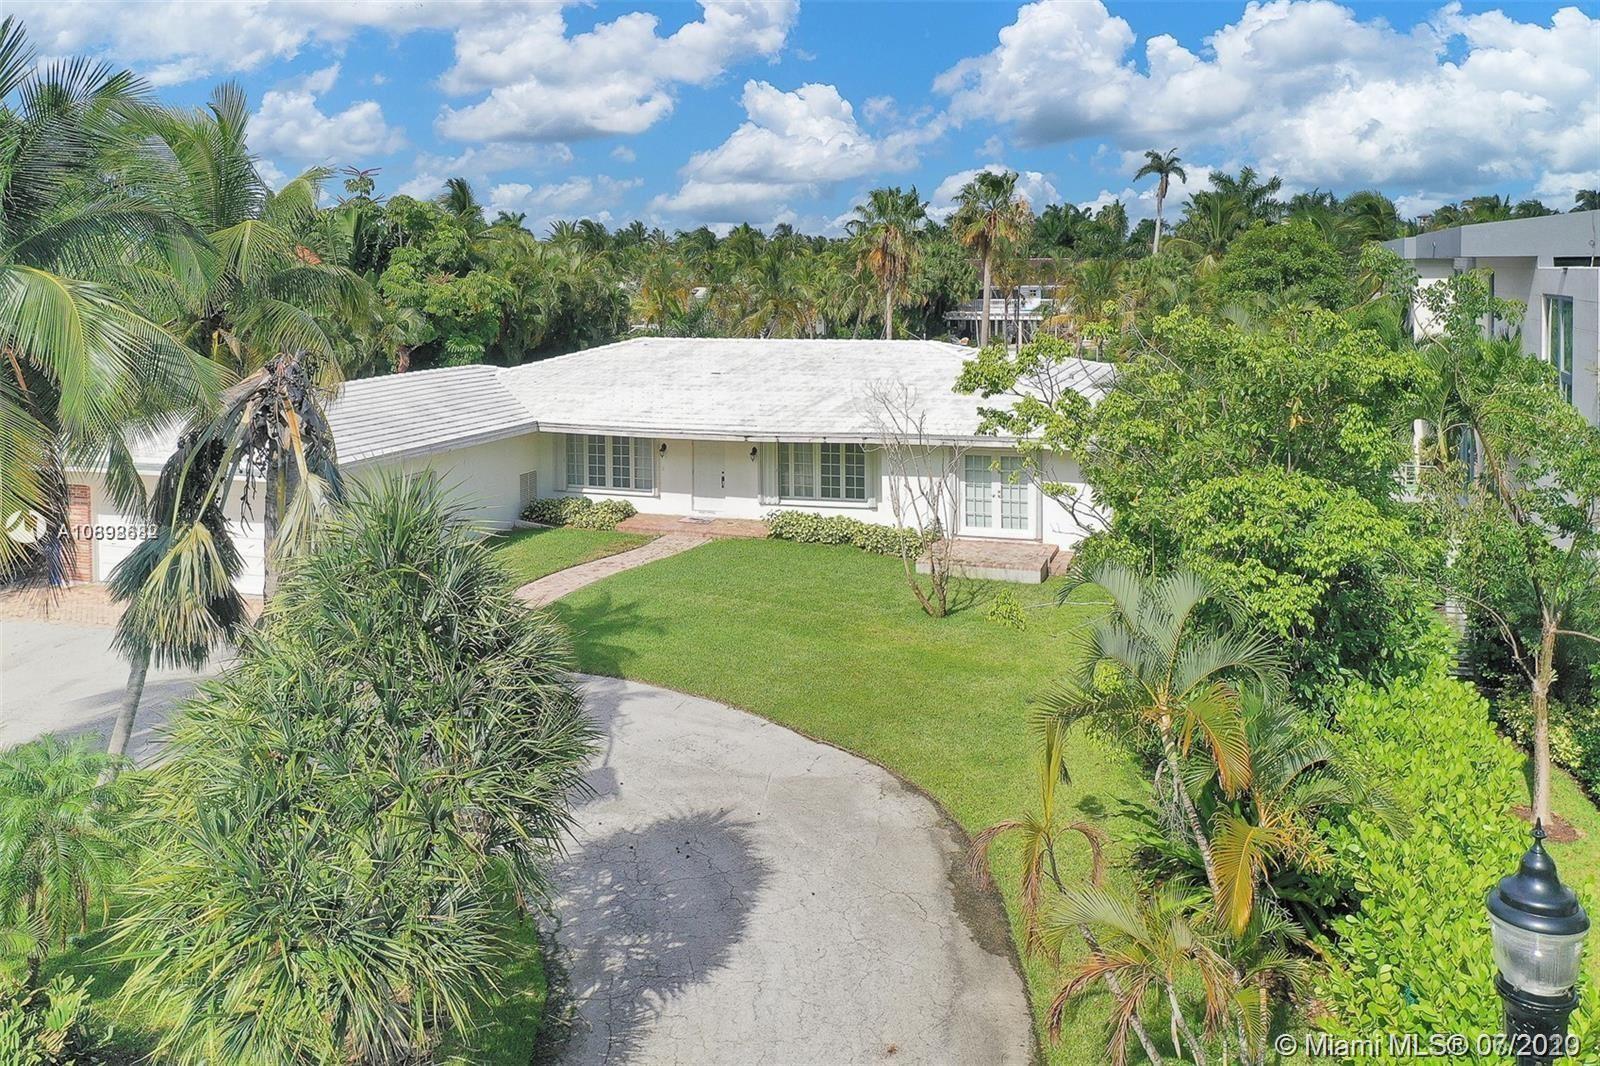 Photo of 313 Center Island, Golden Beach, FL 33160 (MLS # A10898682)